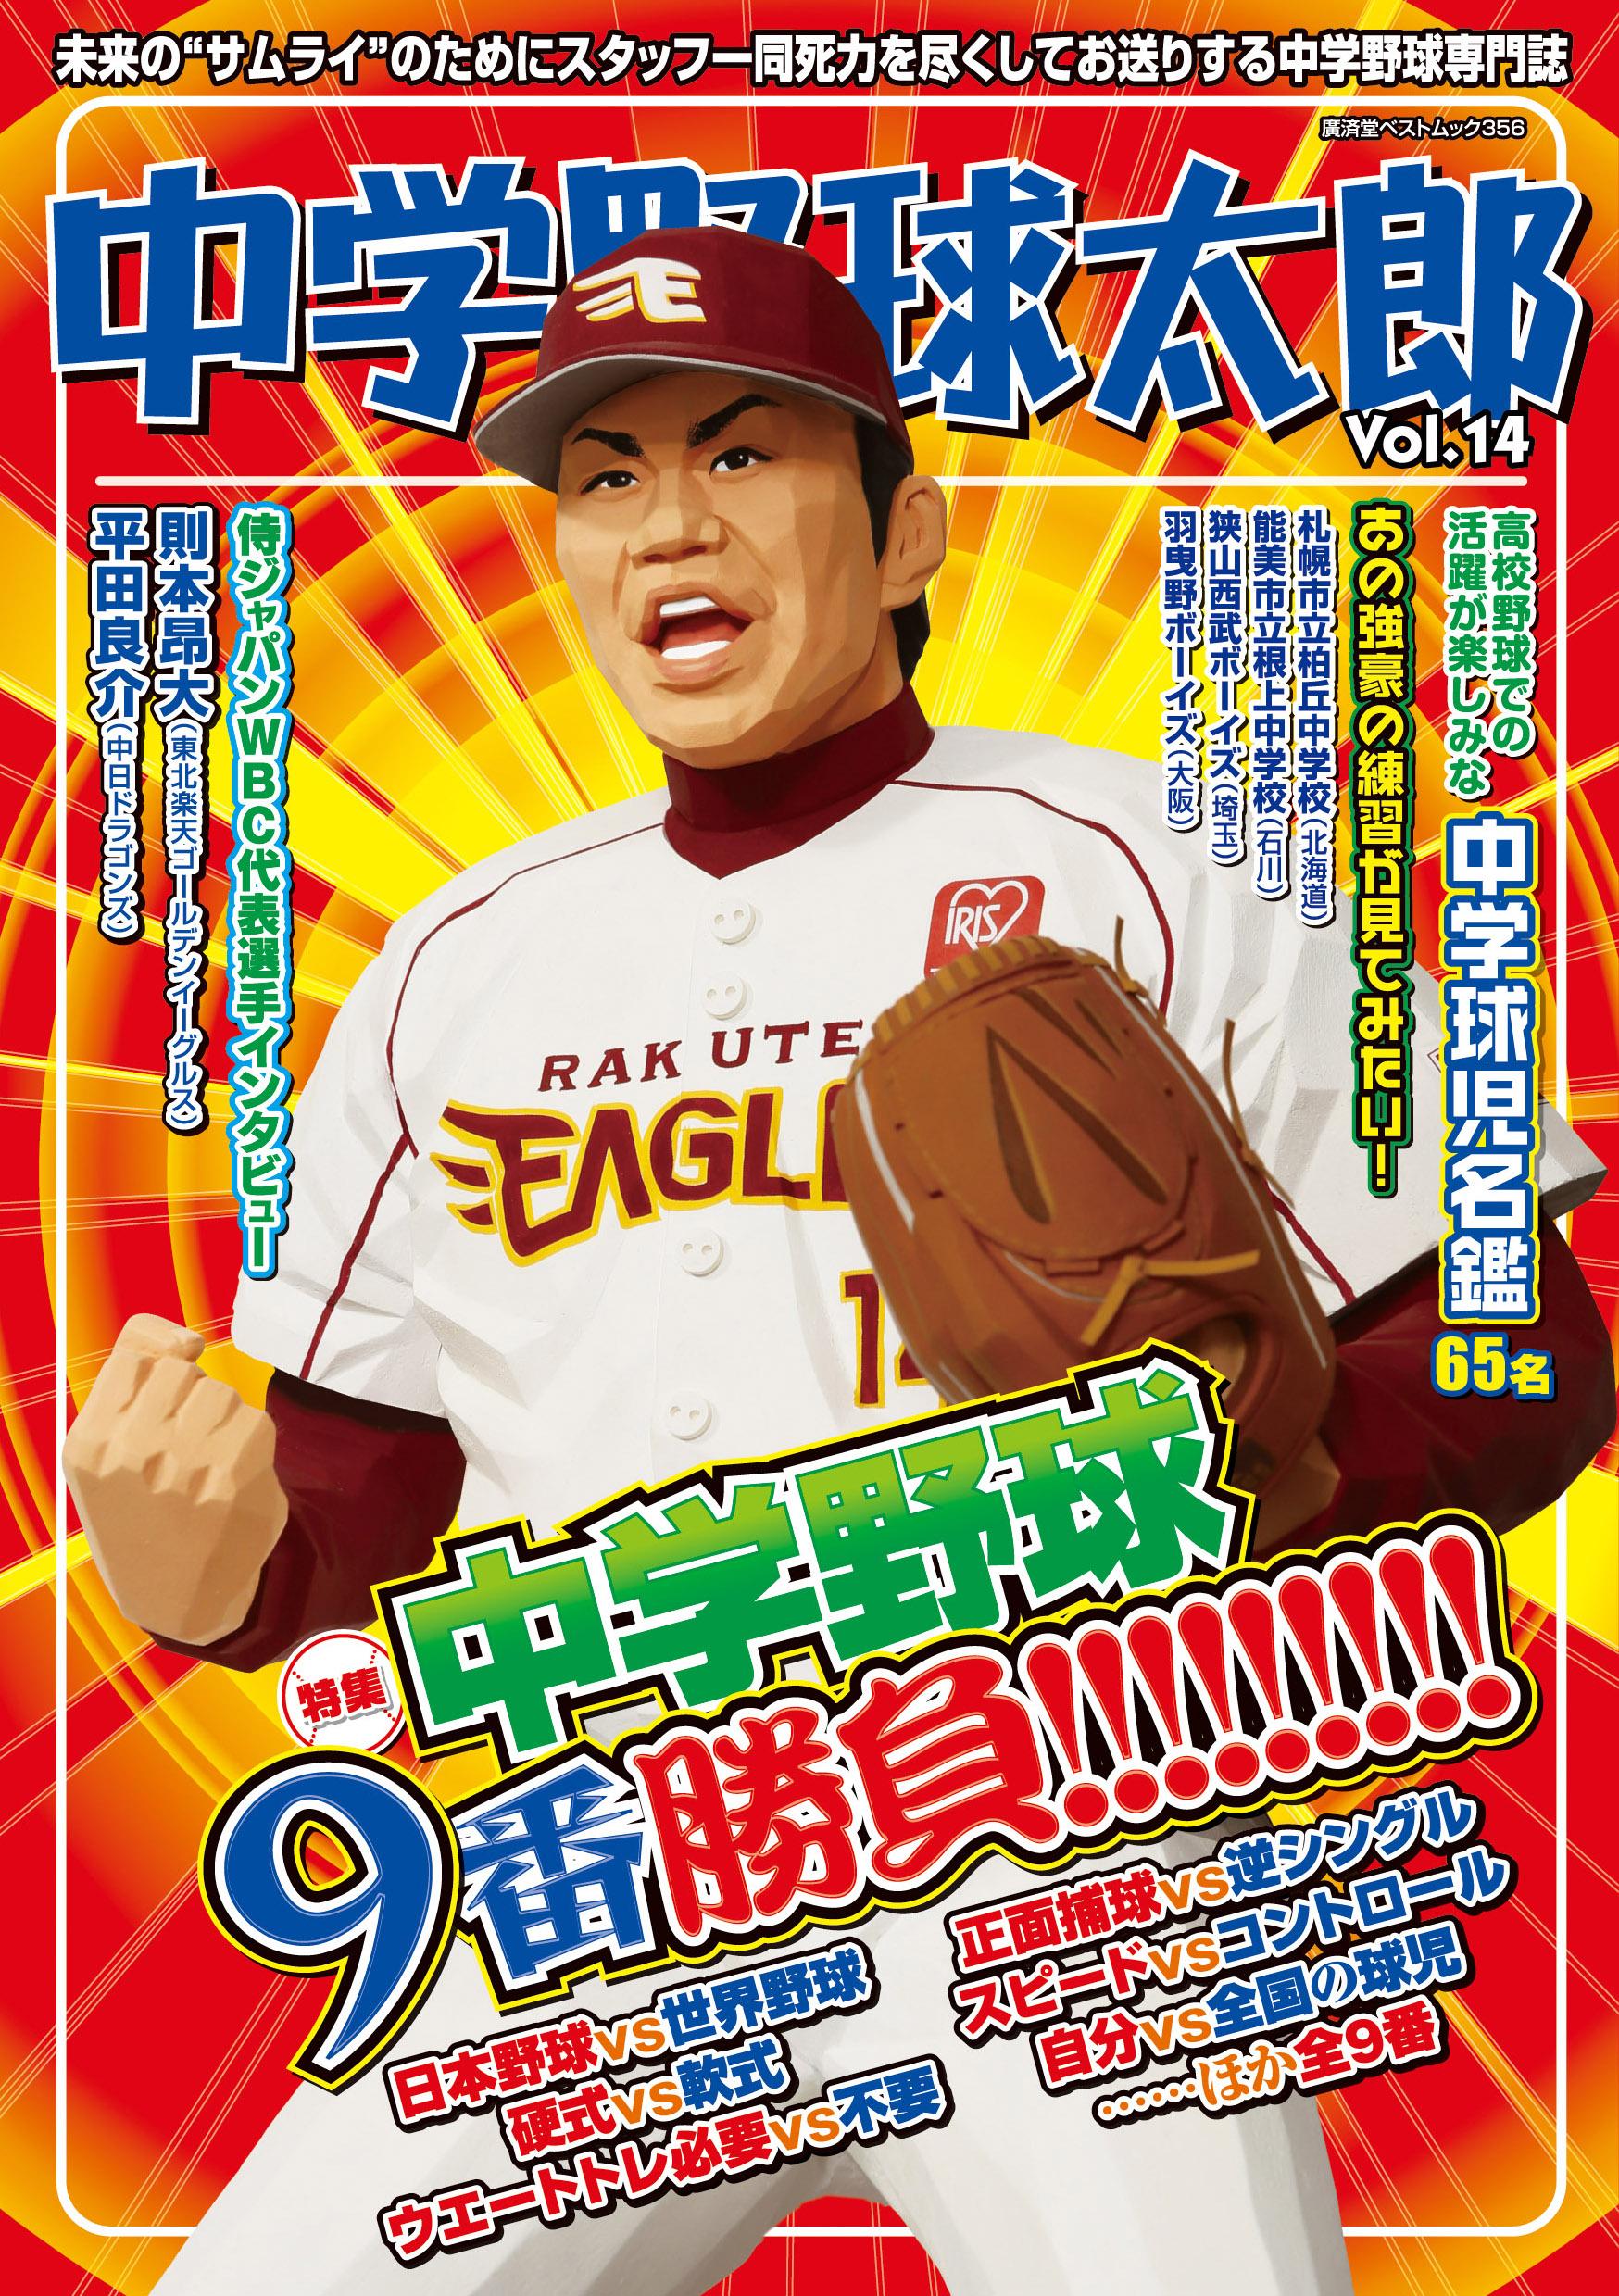 『中学野球太郎Vol.14』をチラチラっと試し読み!